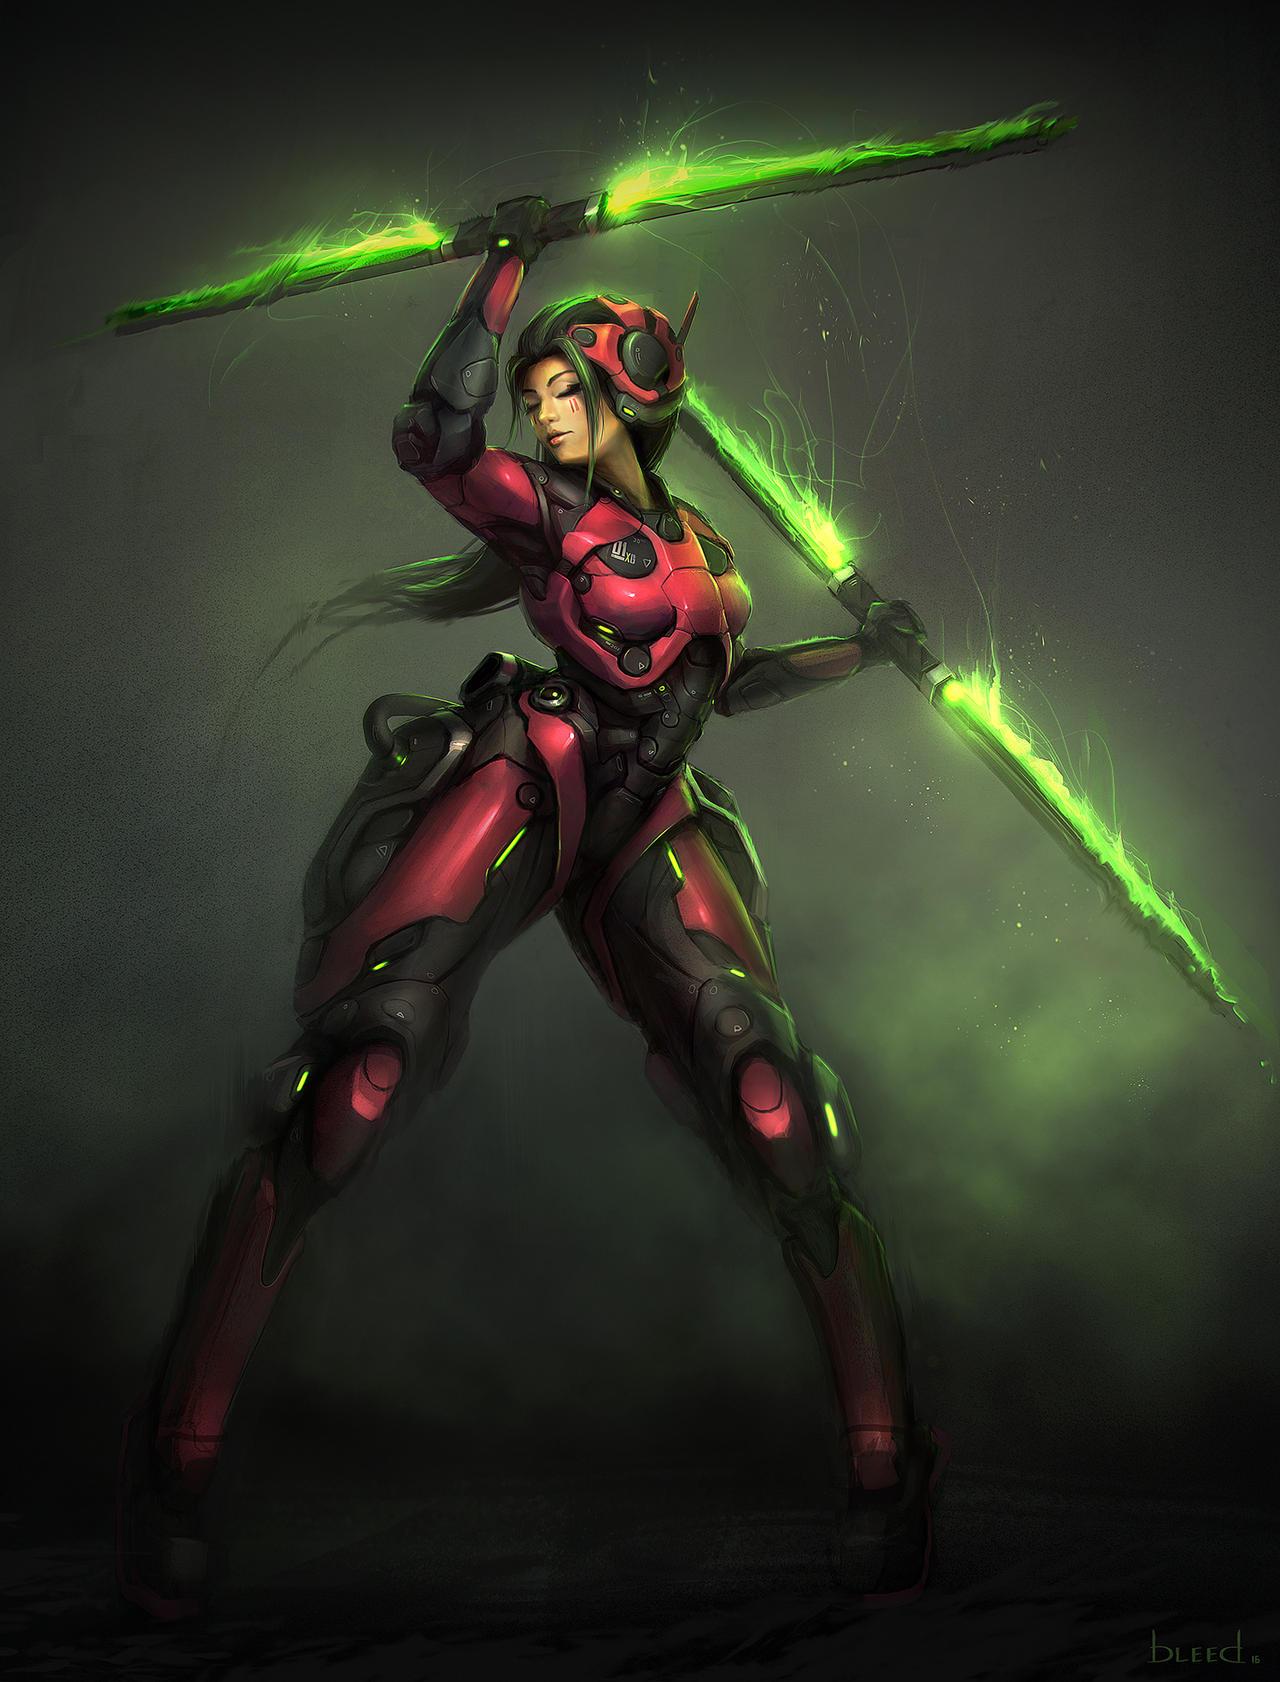 Xybr Emerald